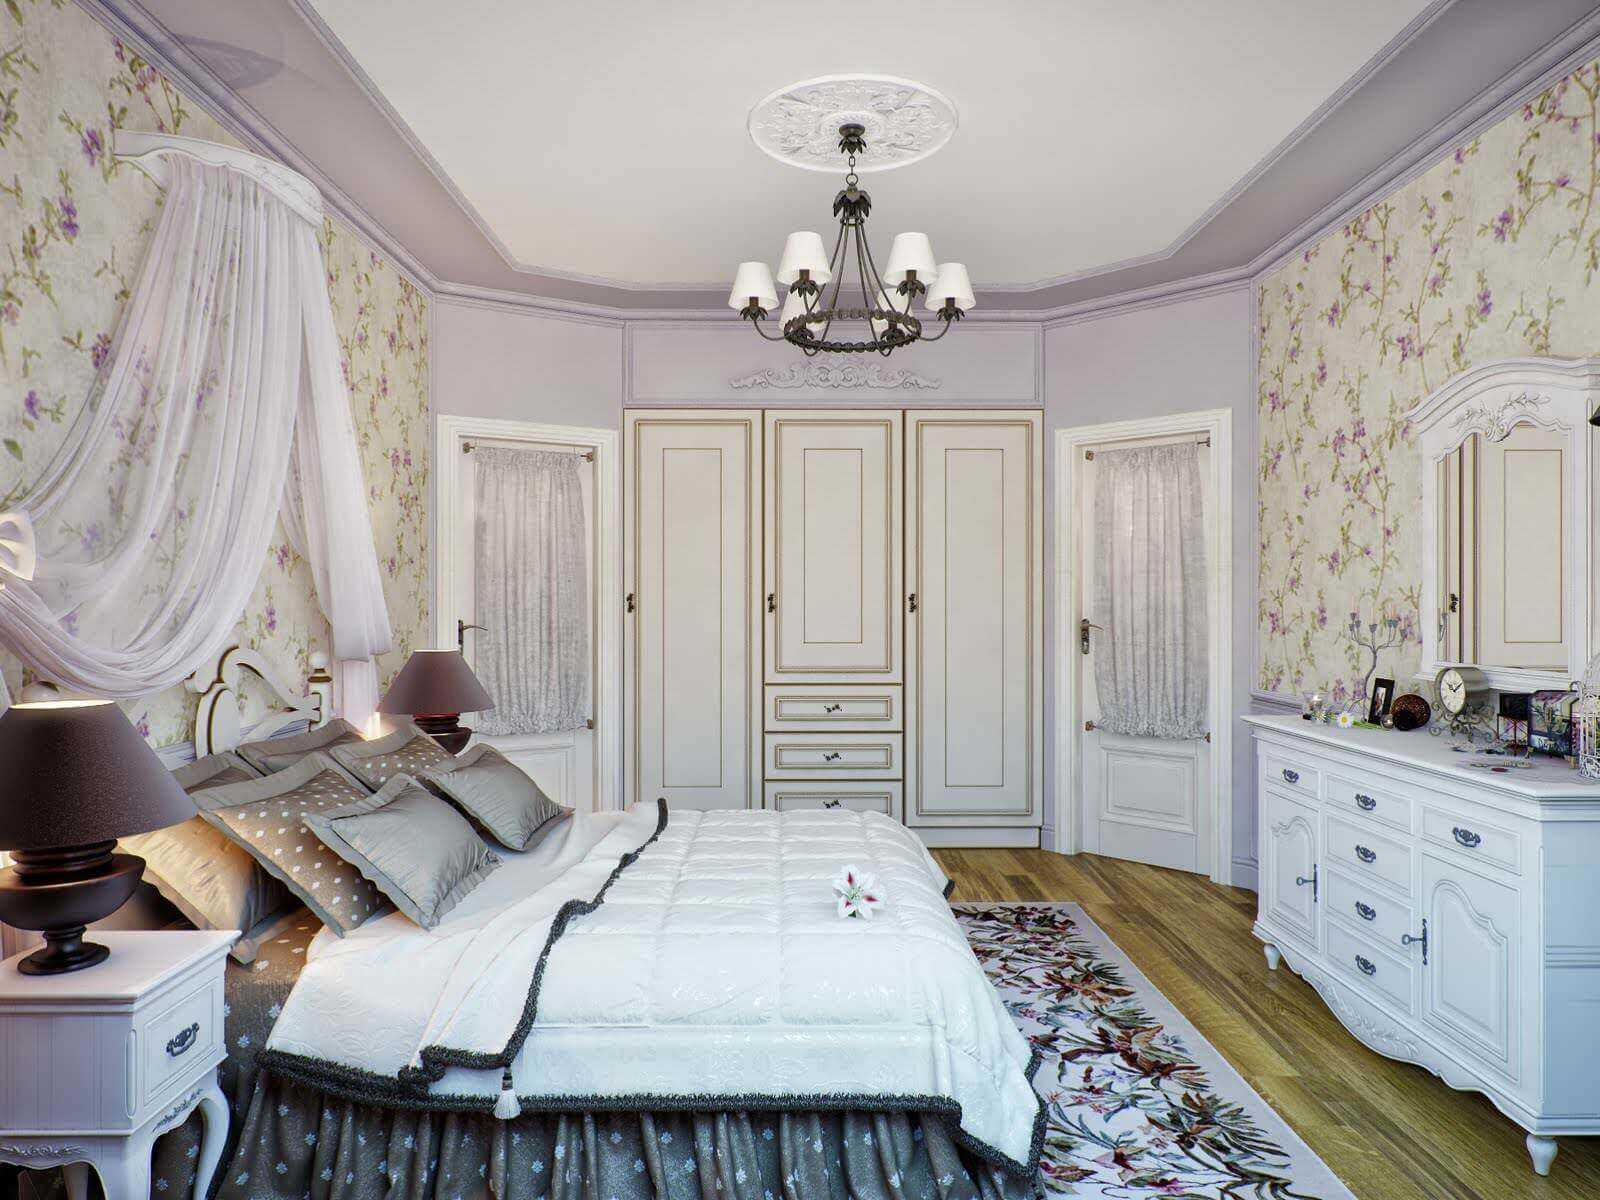 Стены, пол и потолок в стиле прованс